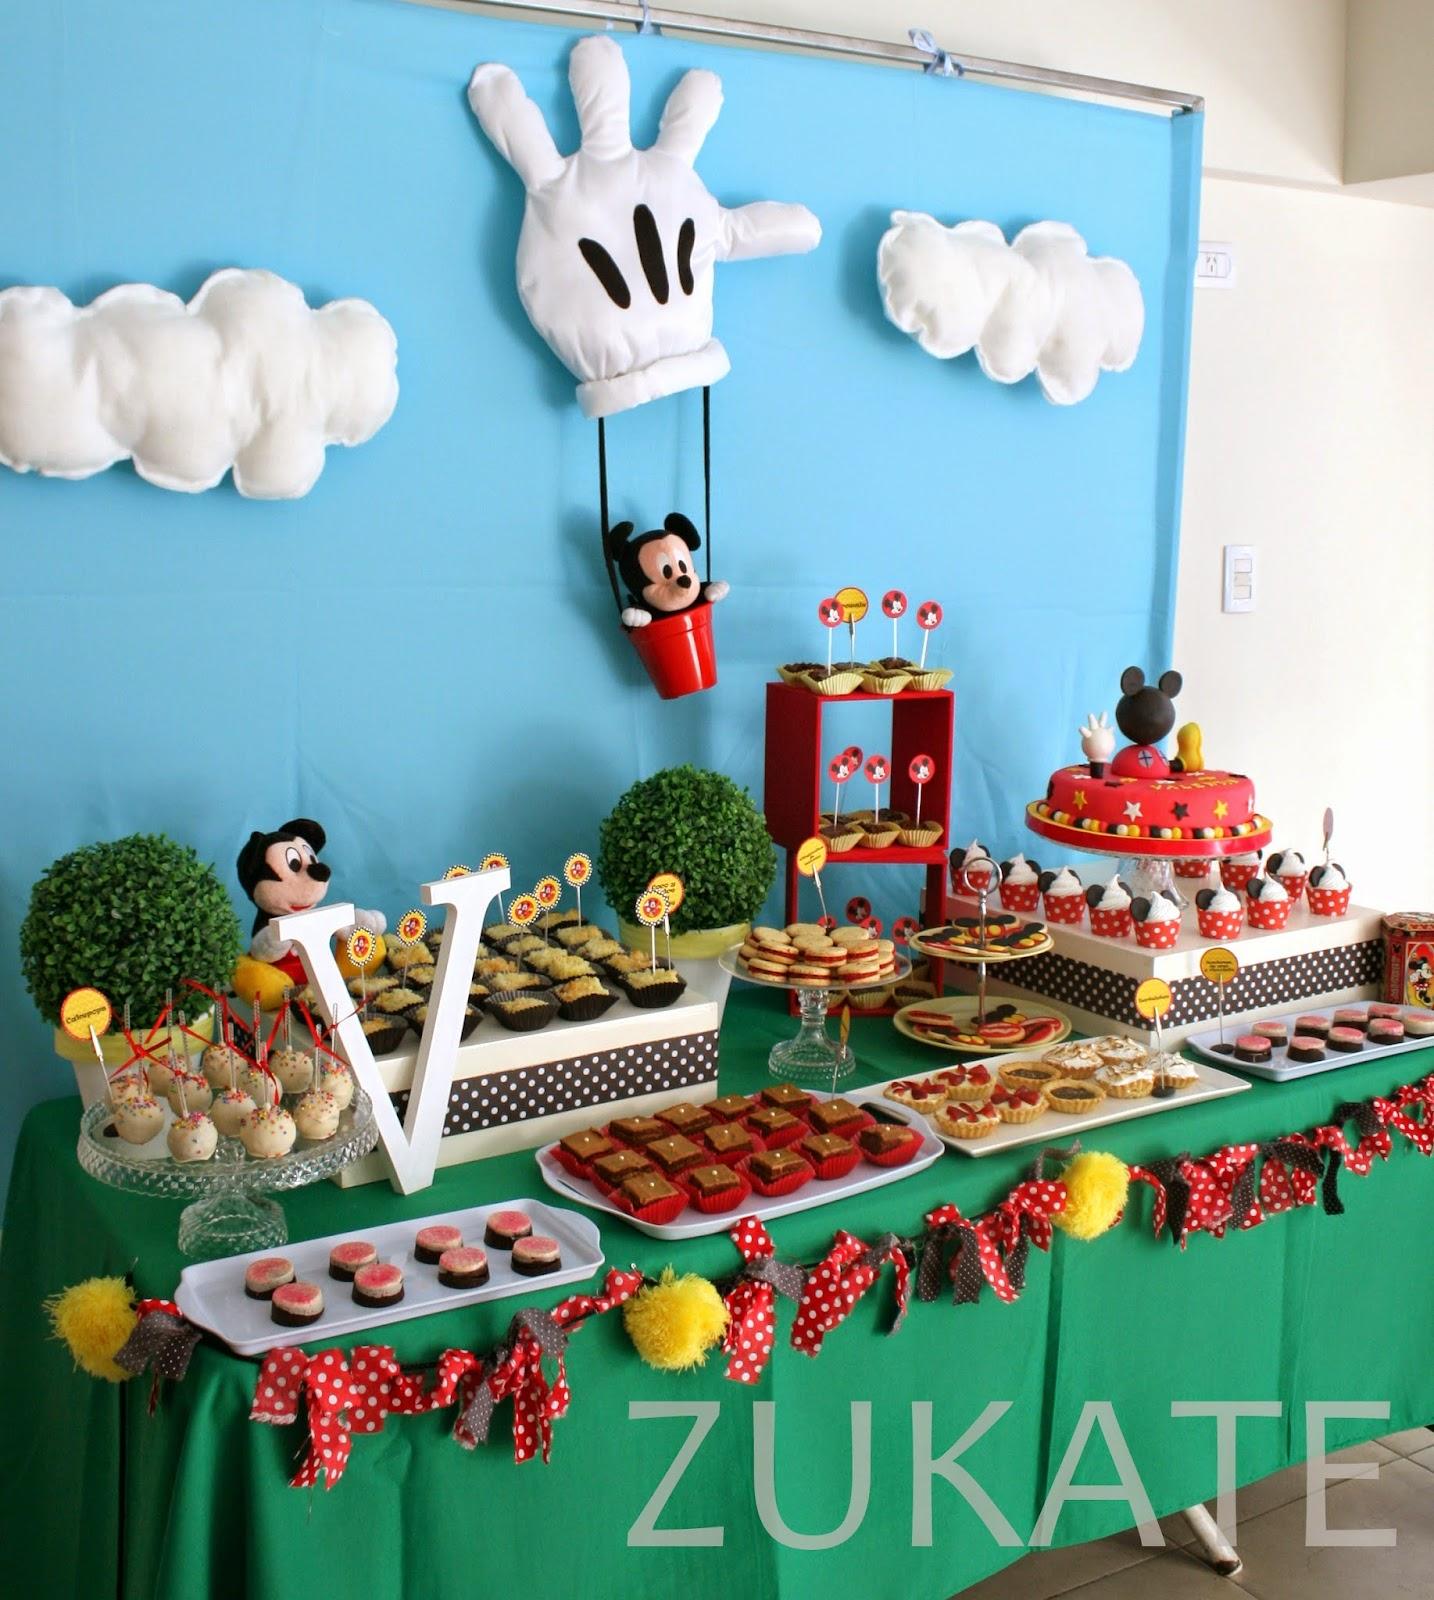 Fiesta de la casa de mickey mouse para valent n zukate - La casa decoracion ...